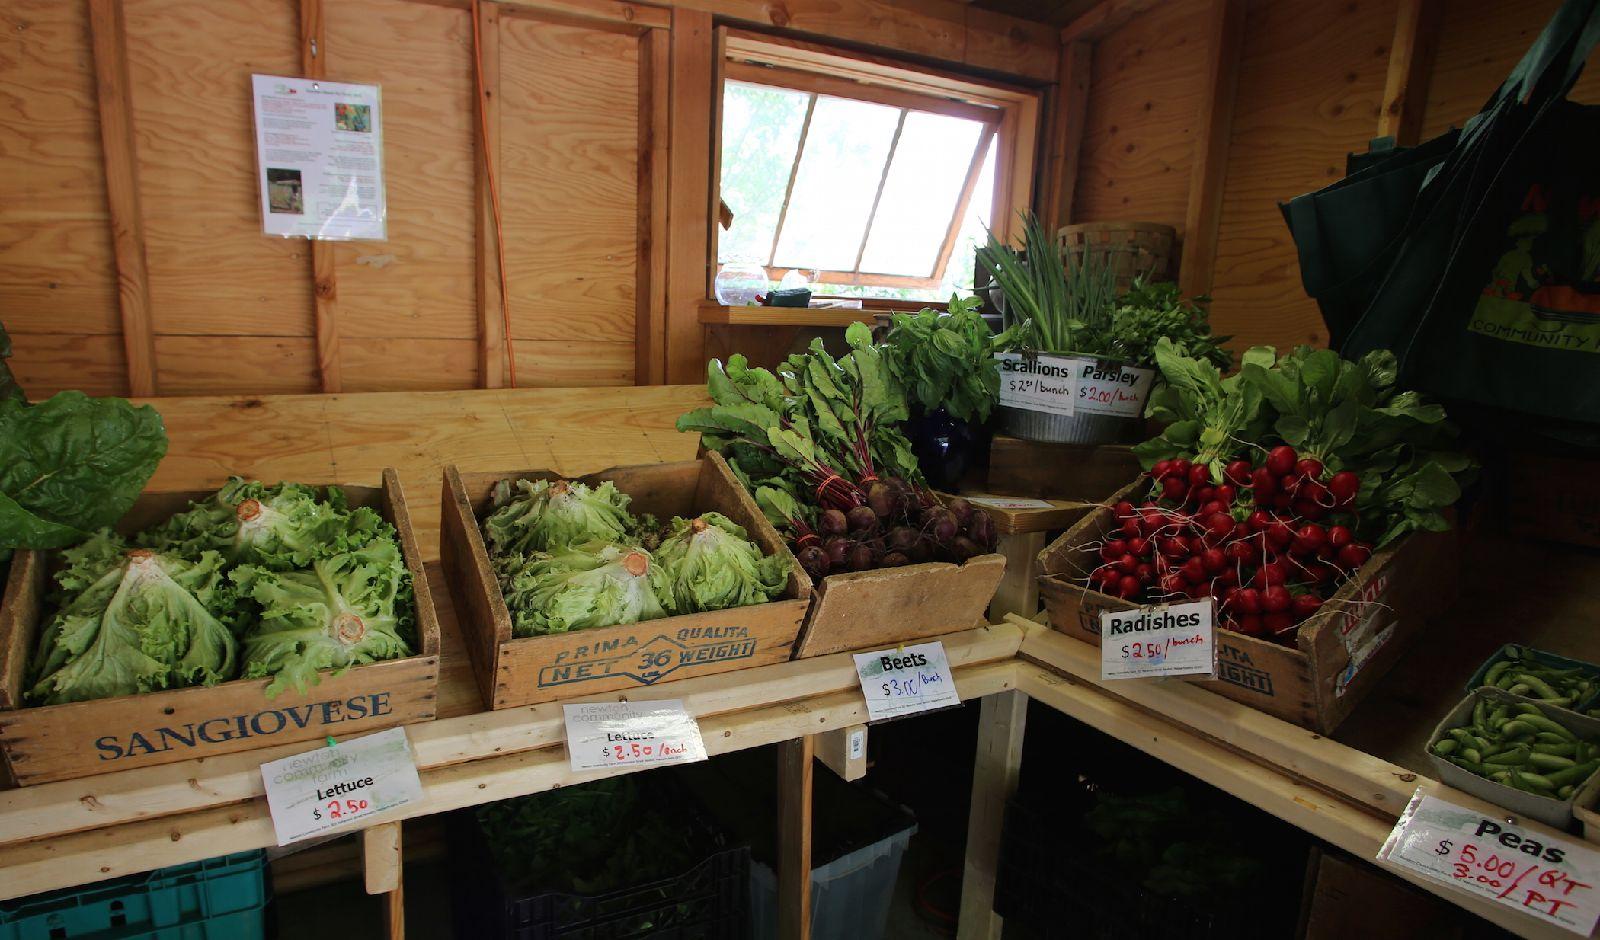 Farm_stand_produce_6-20-15.JPG